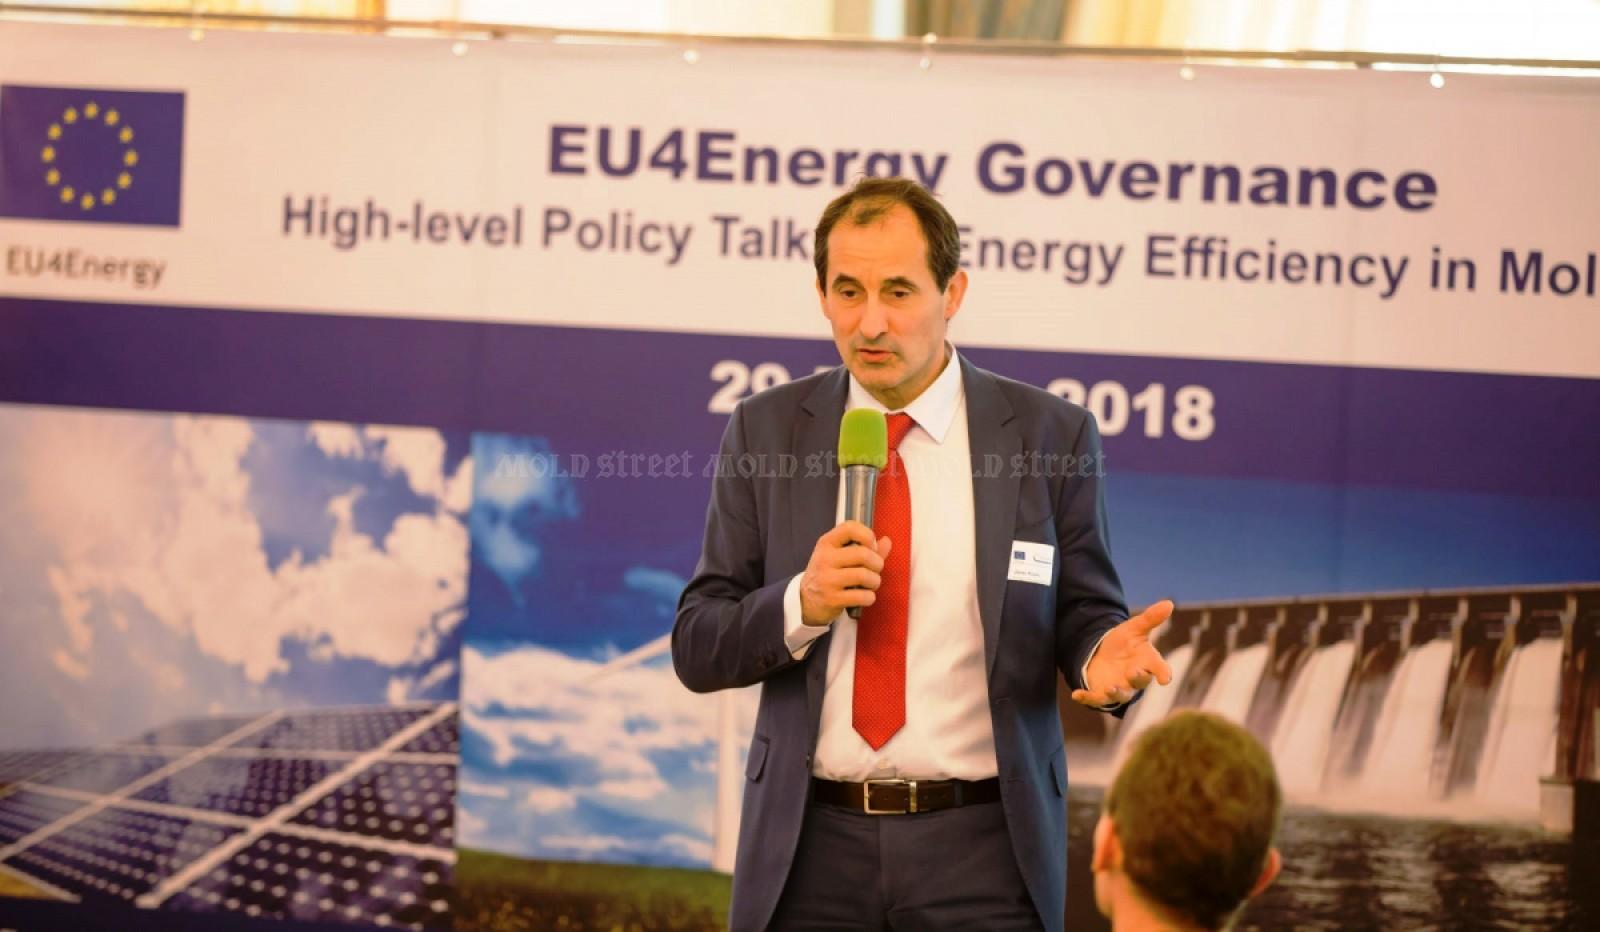 Mold-street: Guvernul suspectat că a trucat licitaţia de achiziţie a energiei